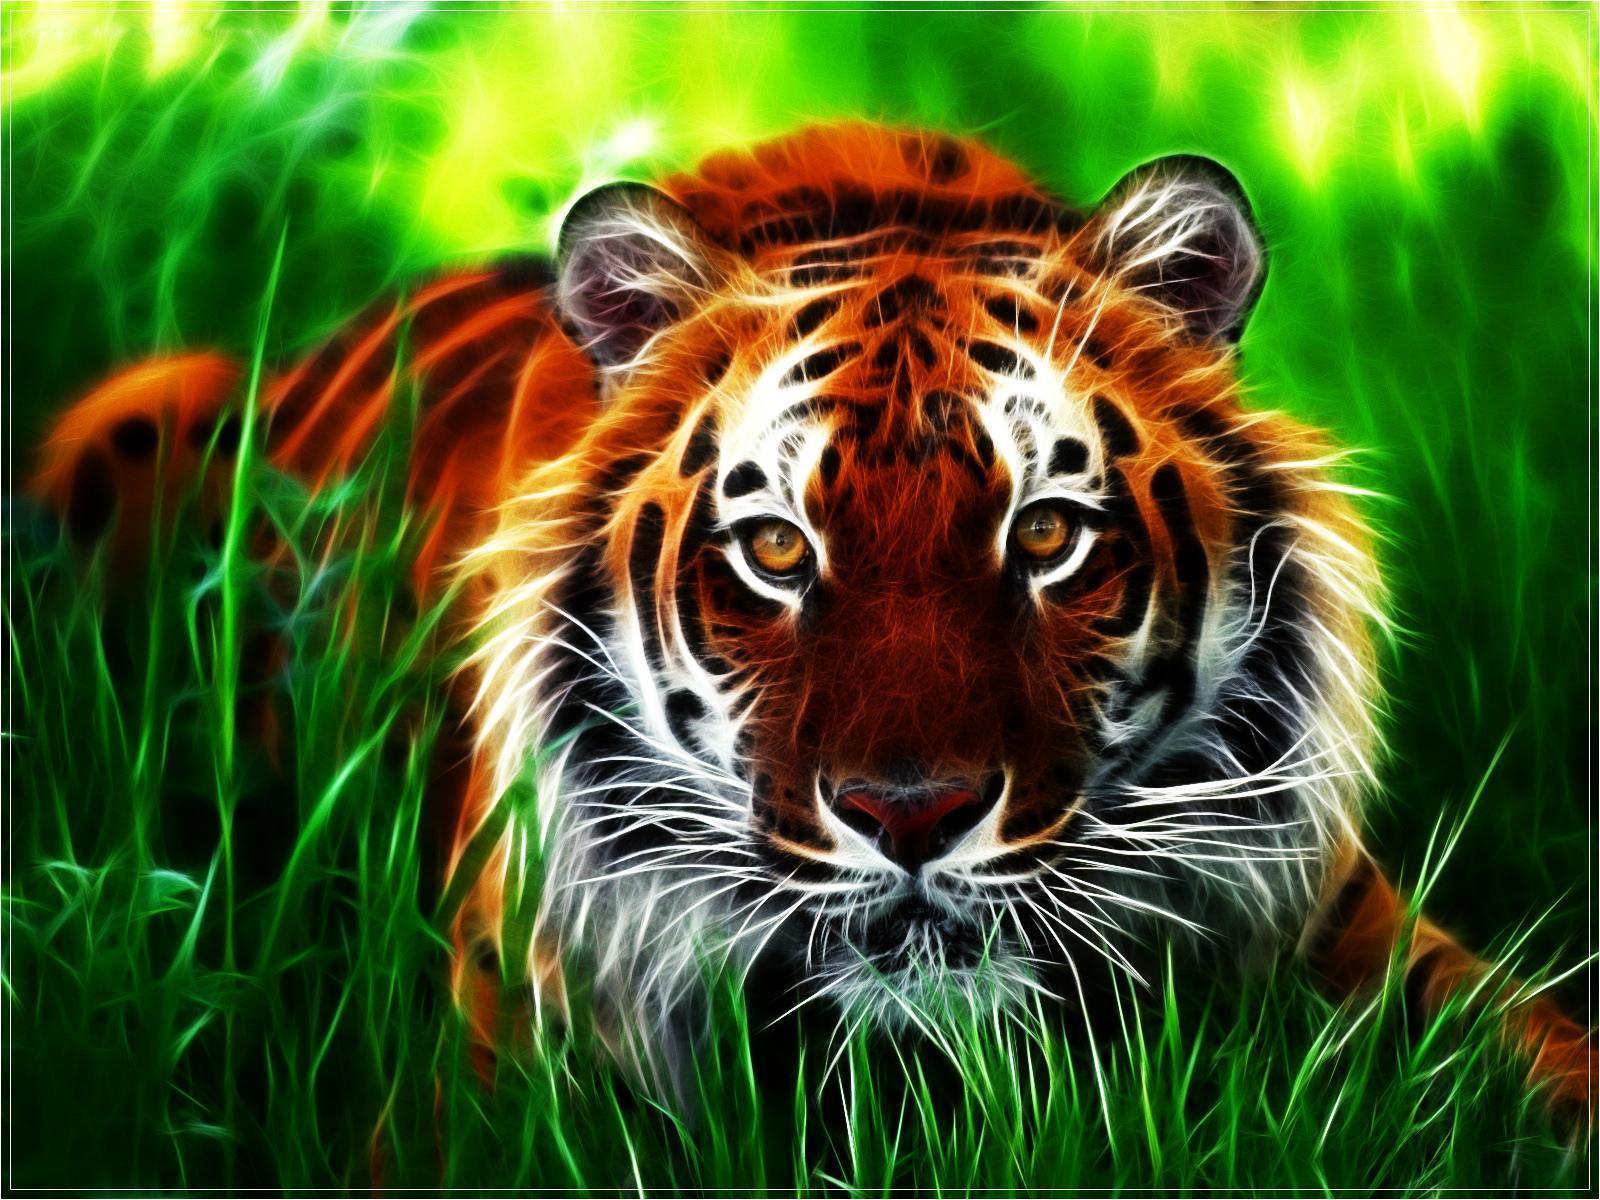 Tiger Wallpaper Desktop Tiger Wallpapers HD 1600x1200